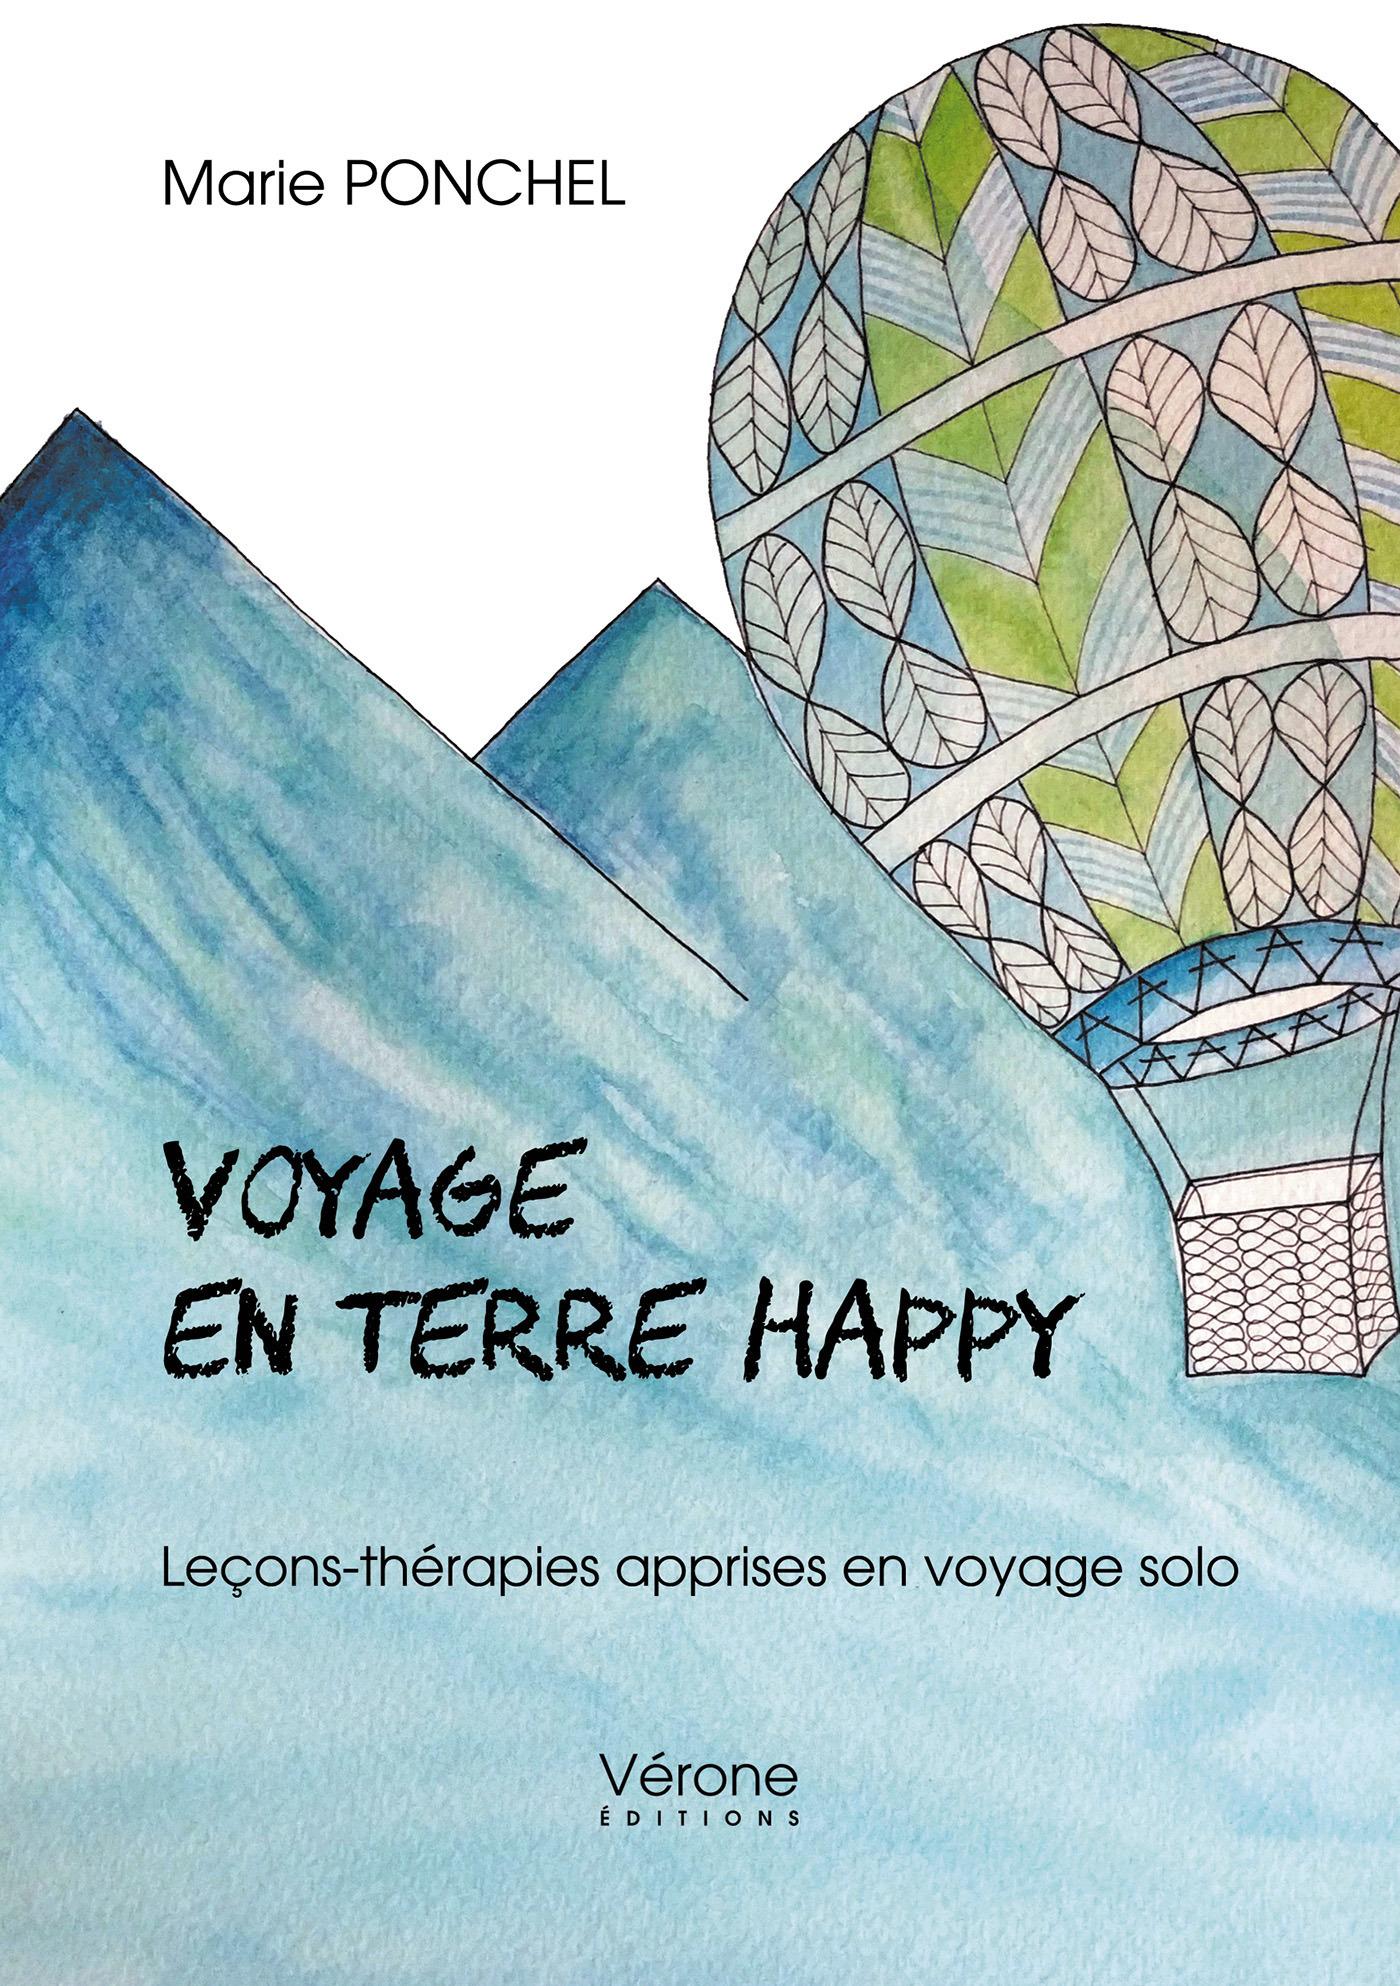 Voyage en terre happy - lecons-therapies apprises en voyage solo